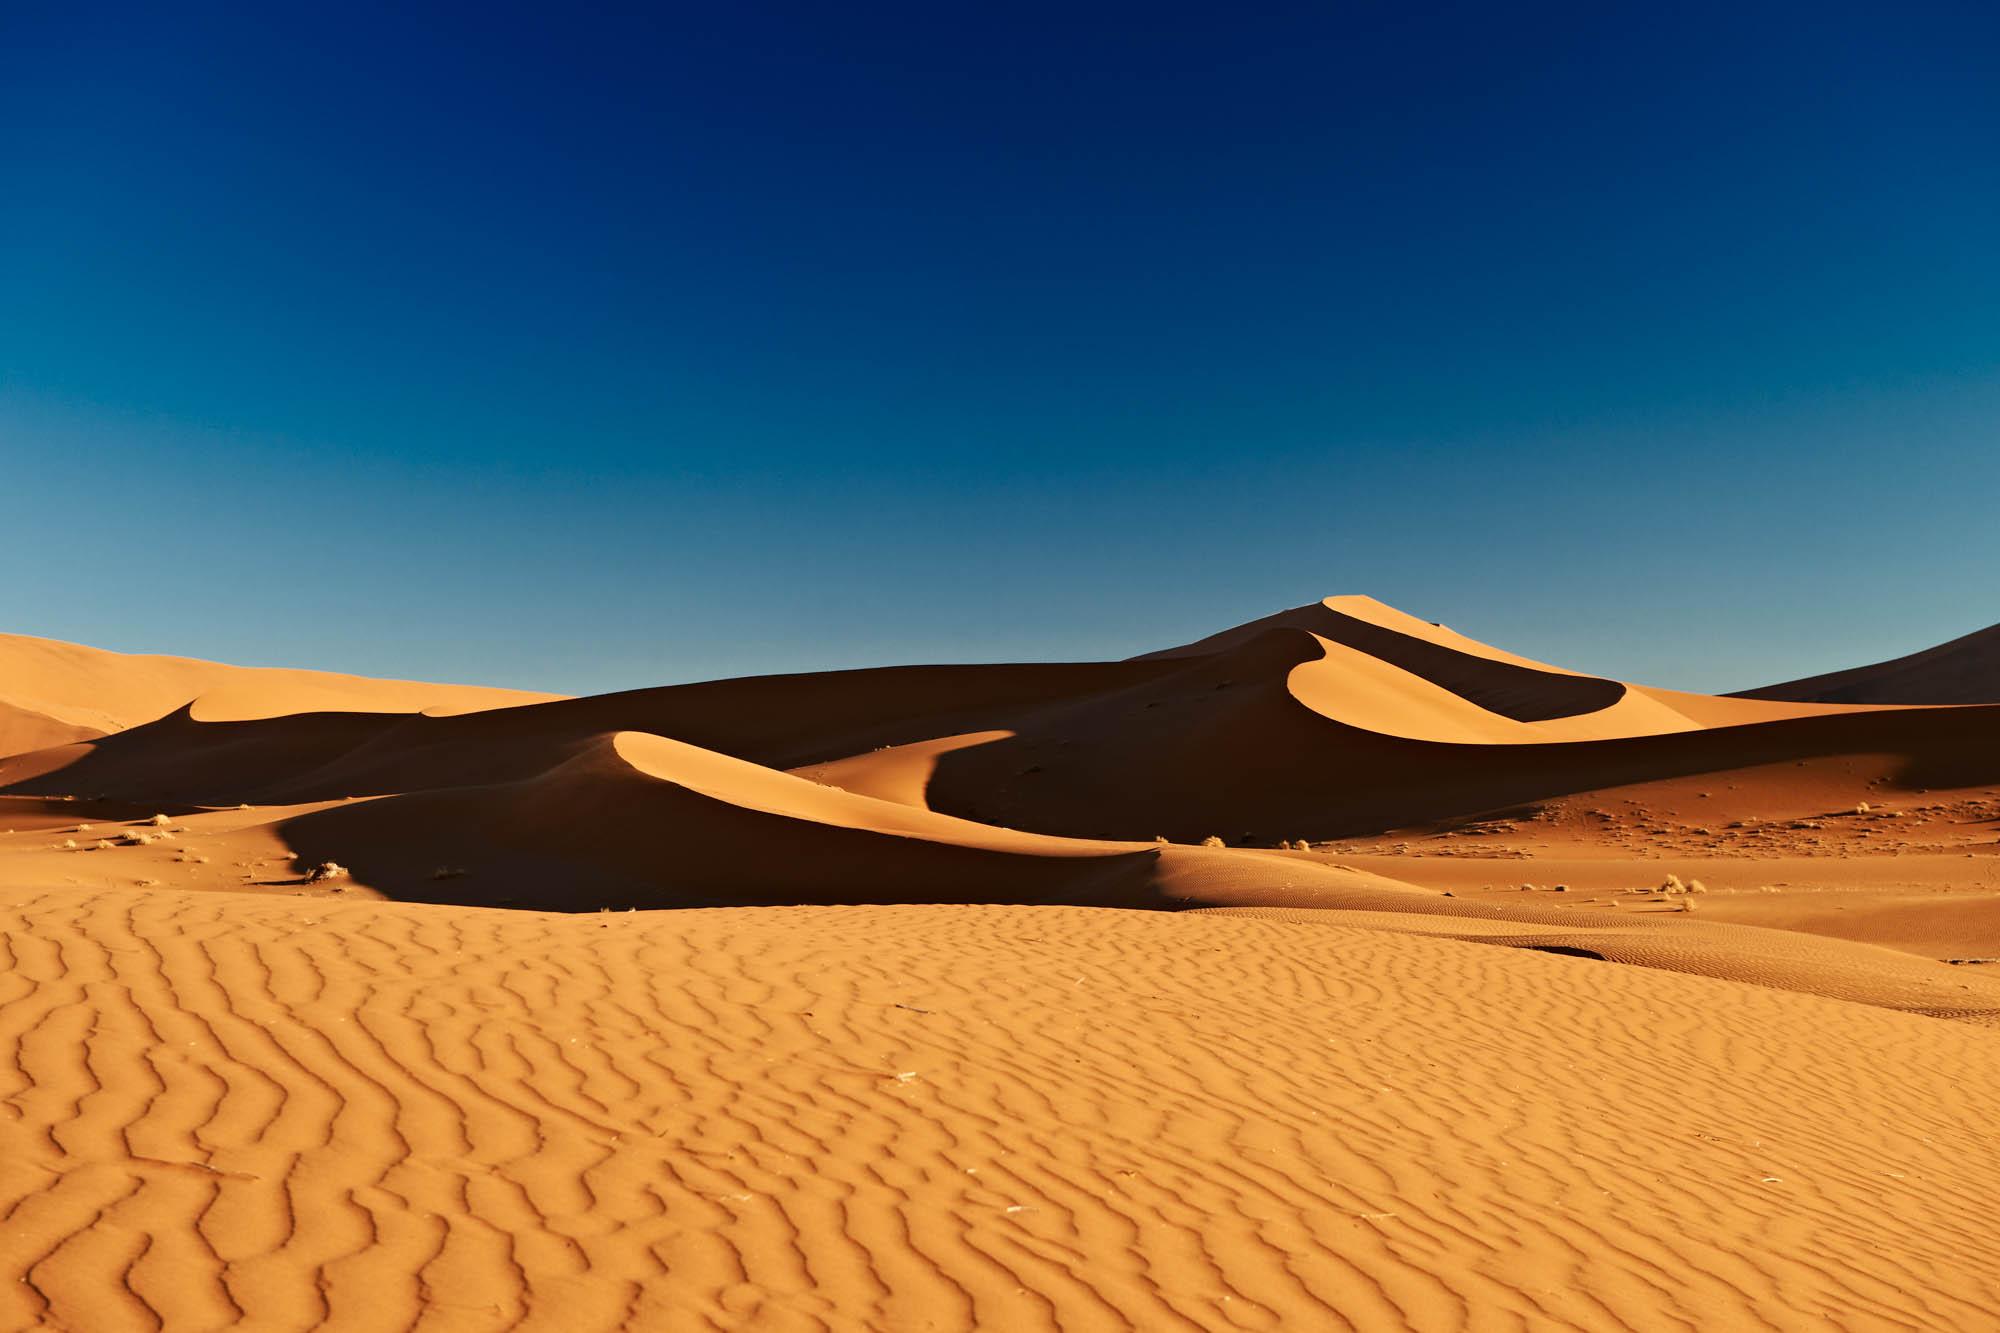 The awe-inspiring dunes at Sossusvlei, Namib-Naukluft National Park, Namibia, Africa